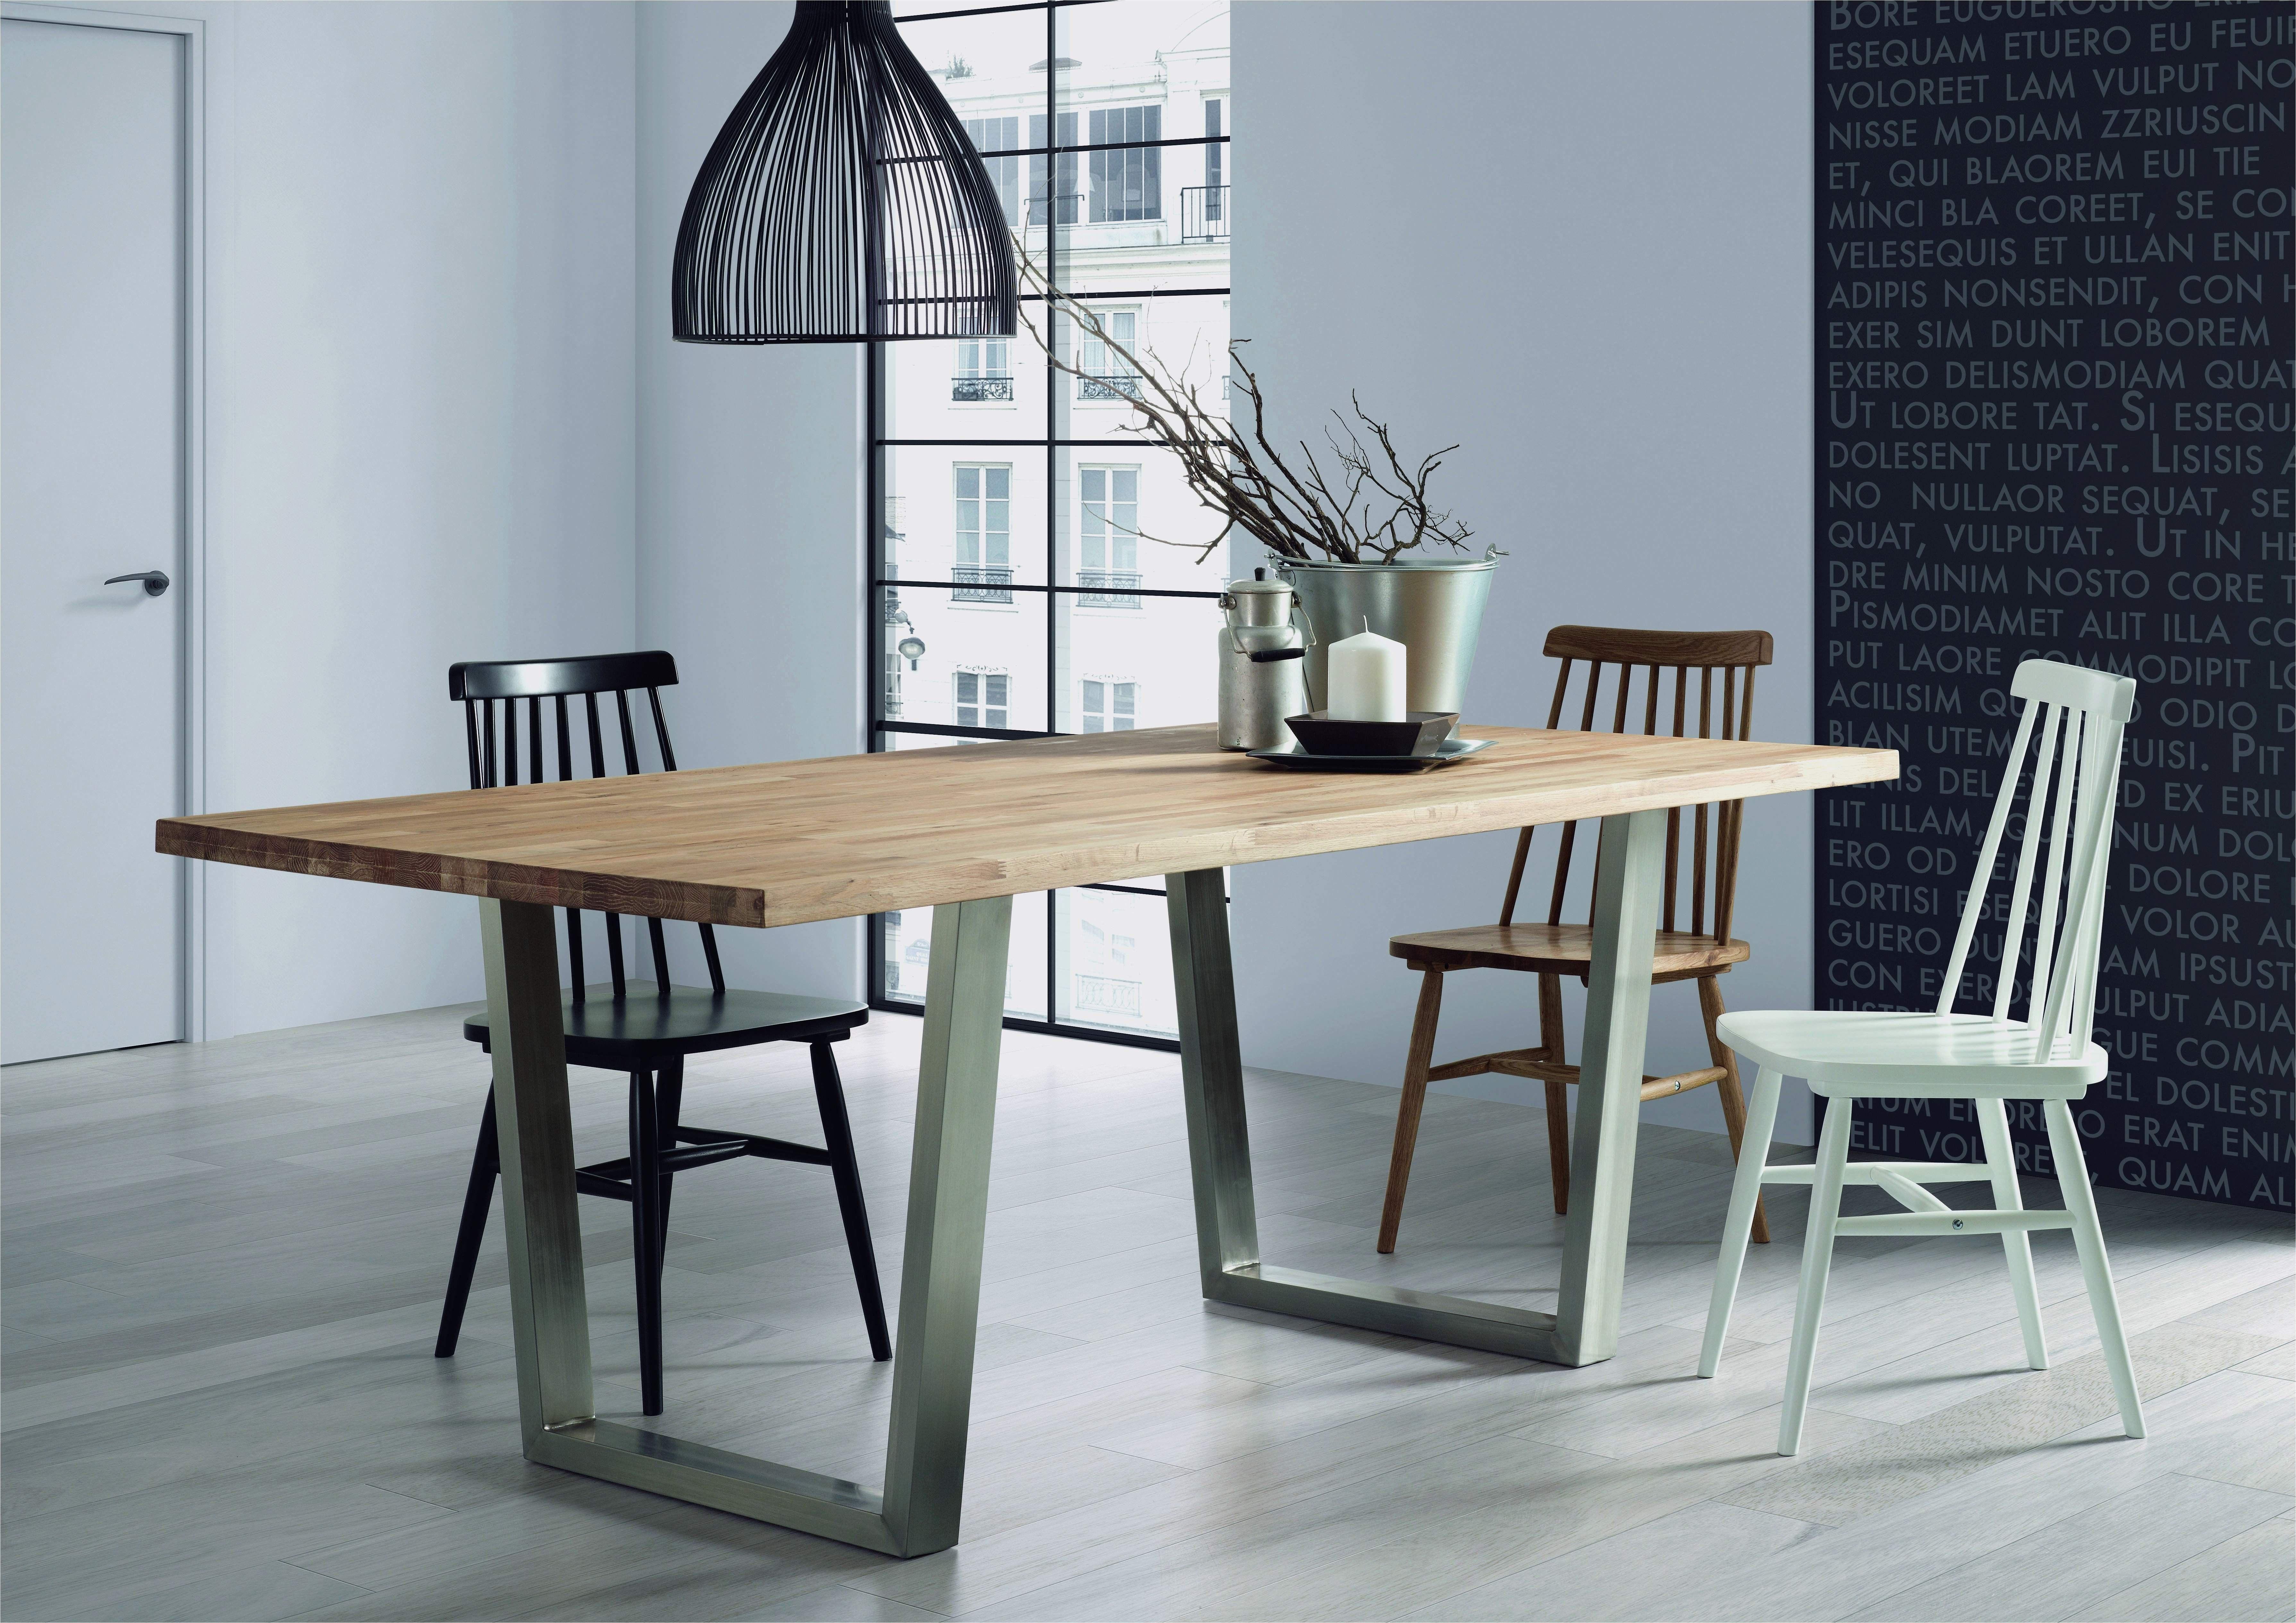 Lit Pliable Ikea Génial Lit Pliable Ikea élégant Ikea Table De Cuisine Belle Table De